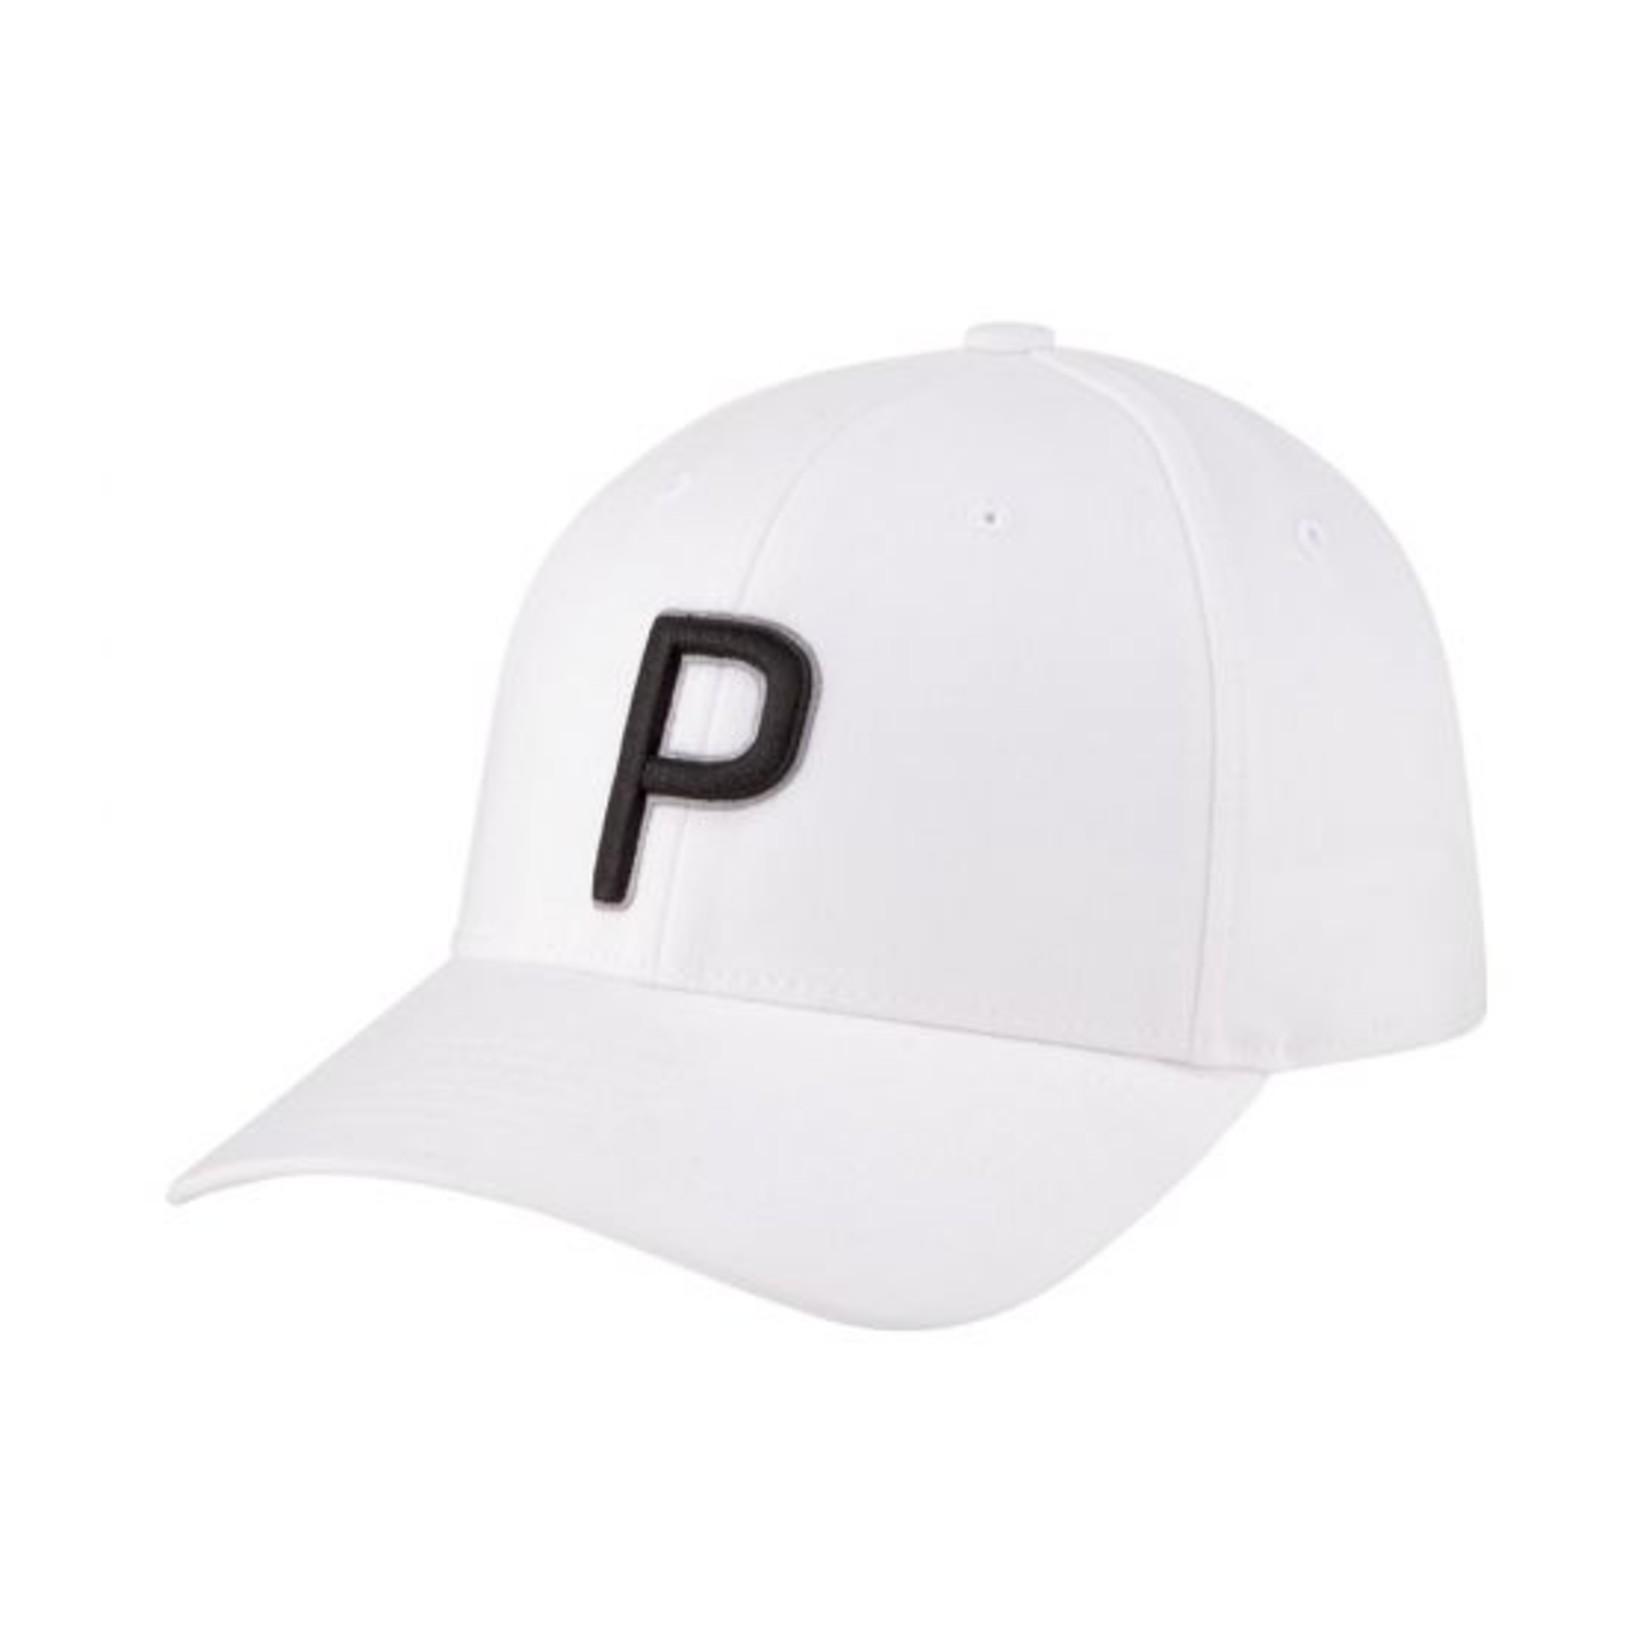 Puma PUMA W's  P Cap ADJ. 21